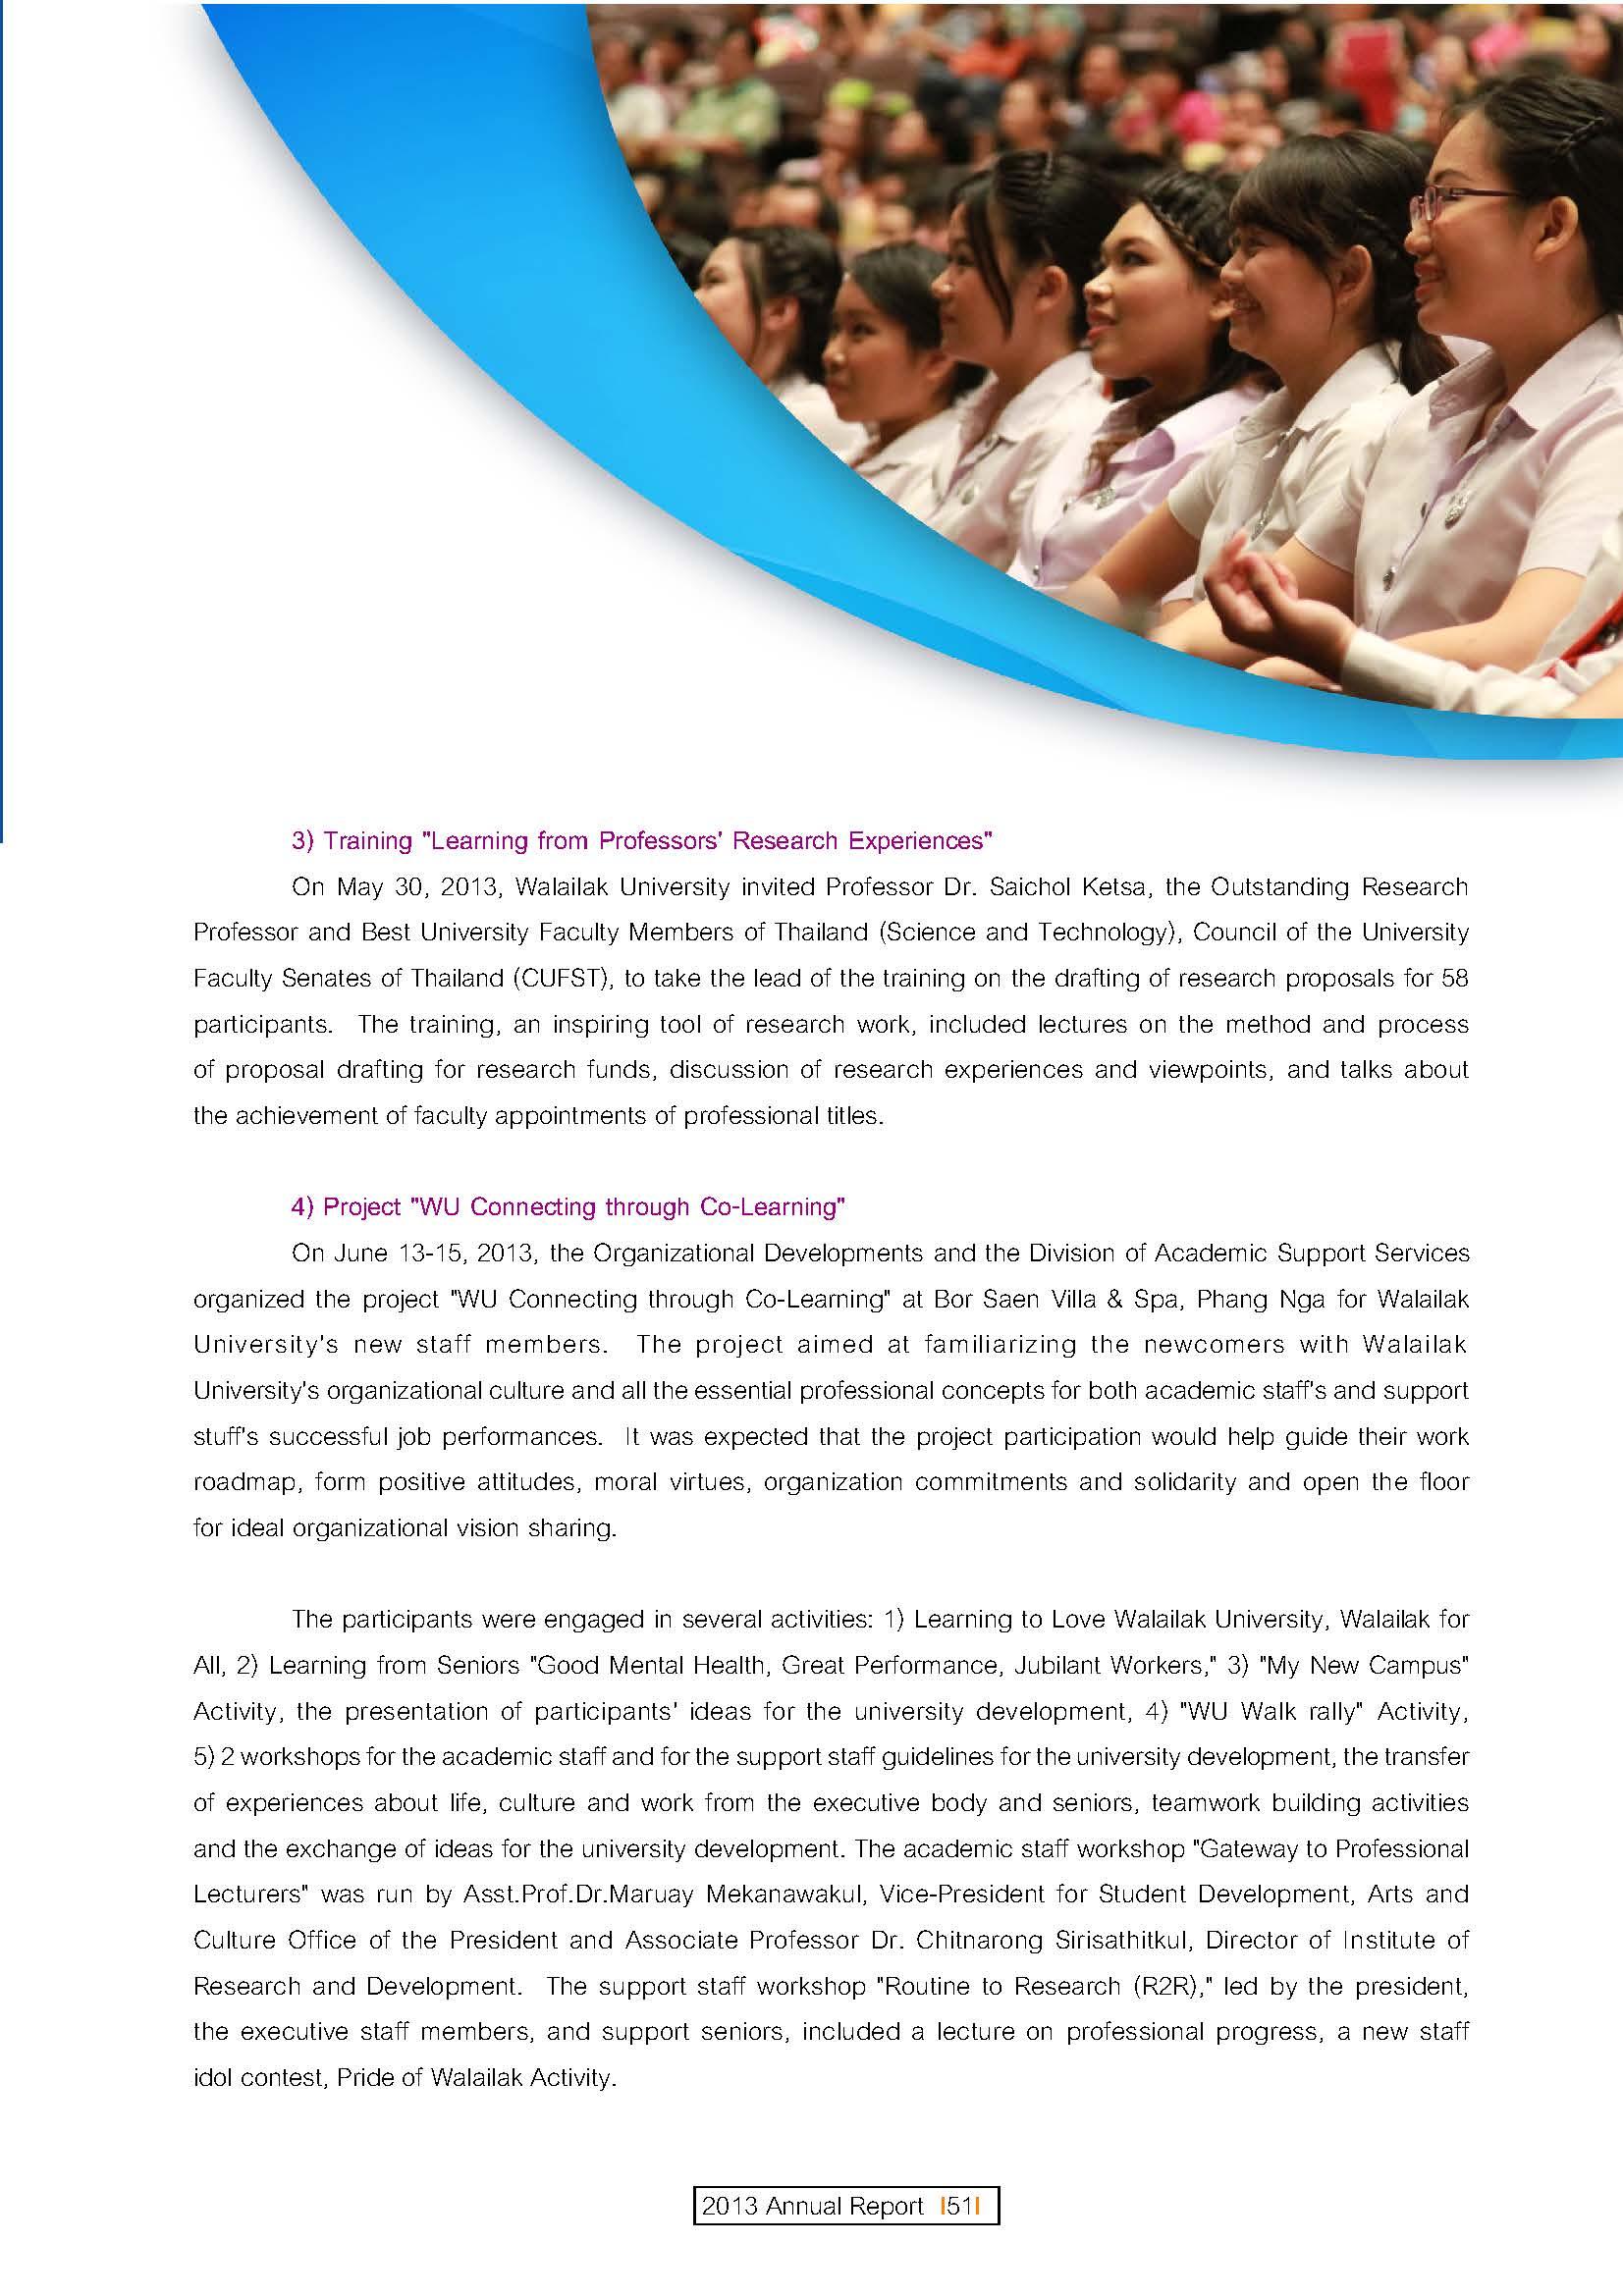 รายงานประจำปี2013ภาษาอังกฤษ_Page_51